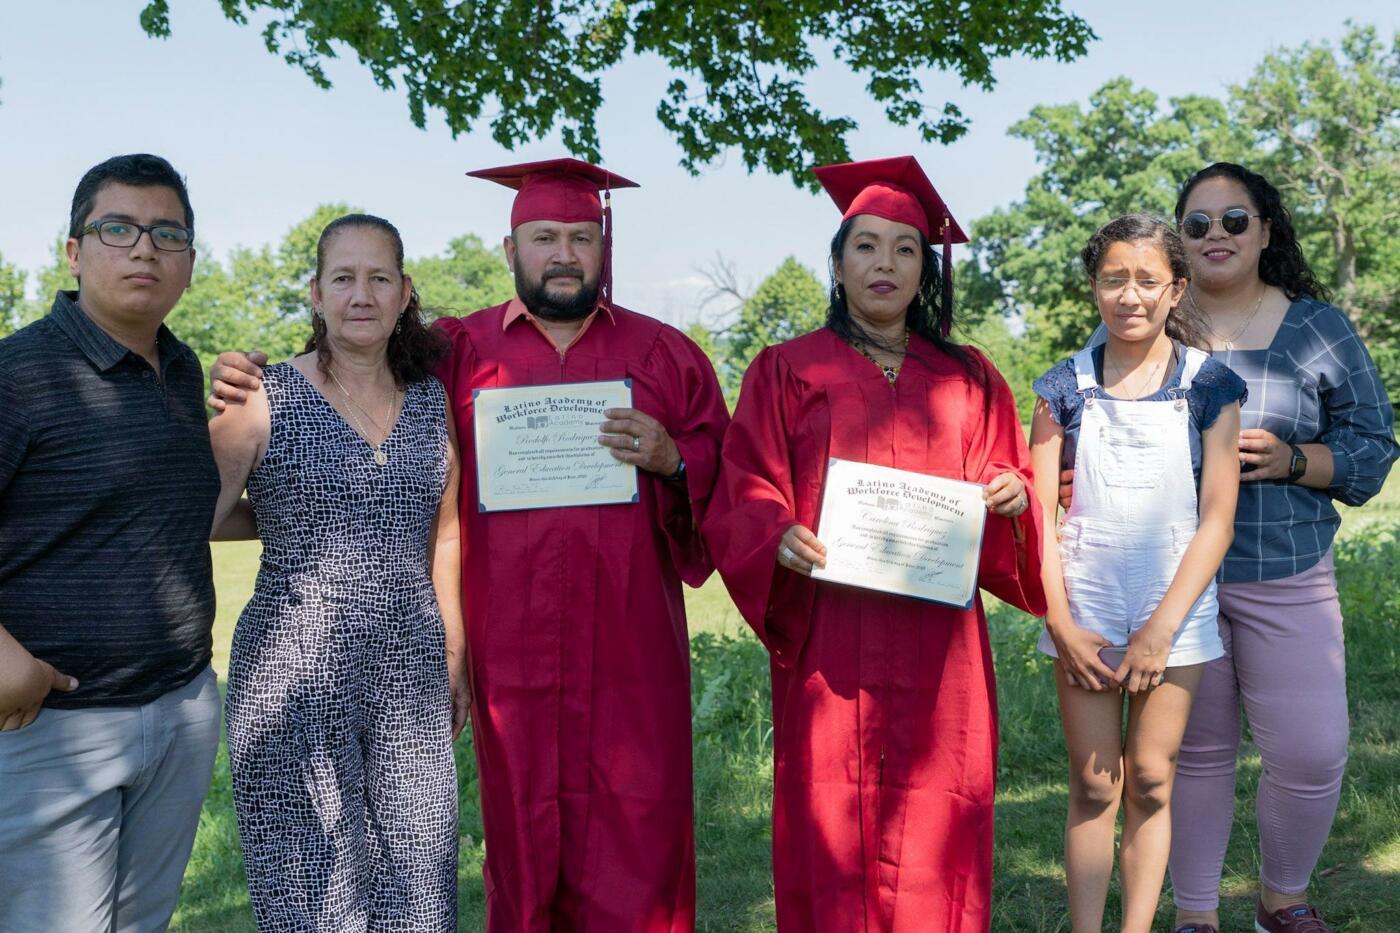 Nuevo record de graduaciones de estudiantes Latinos pese a la pandemia